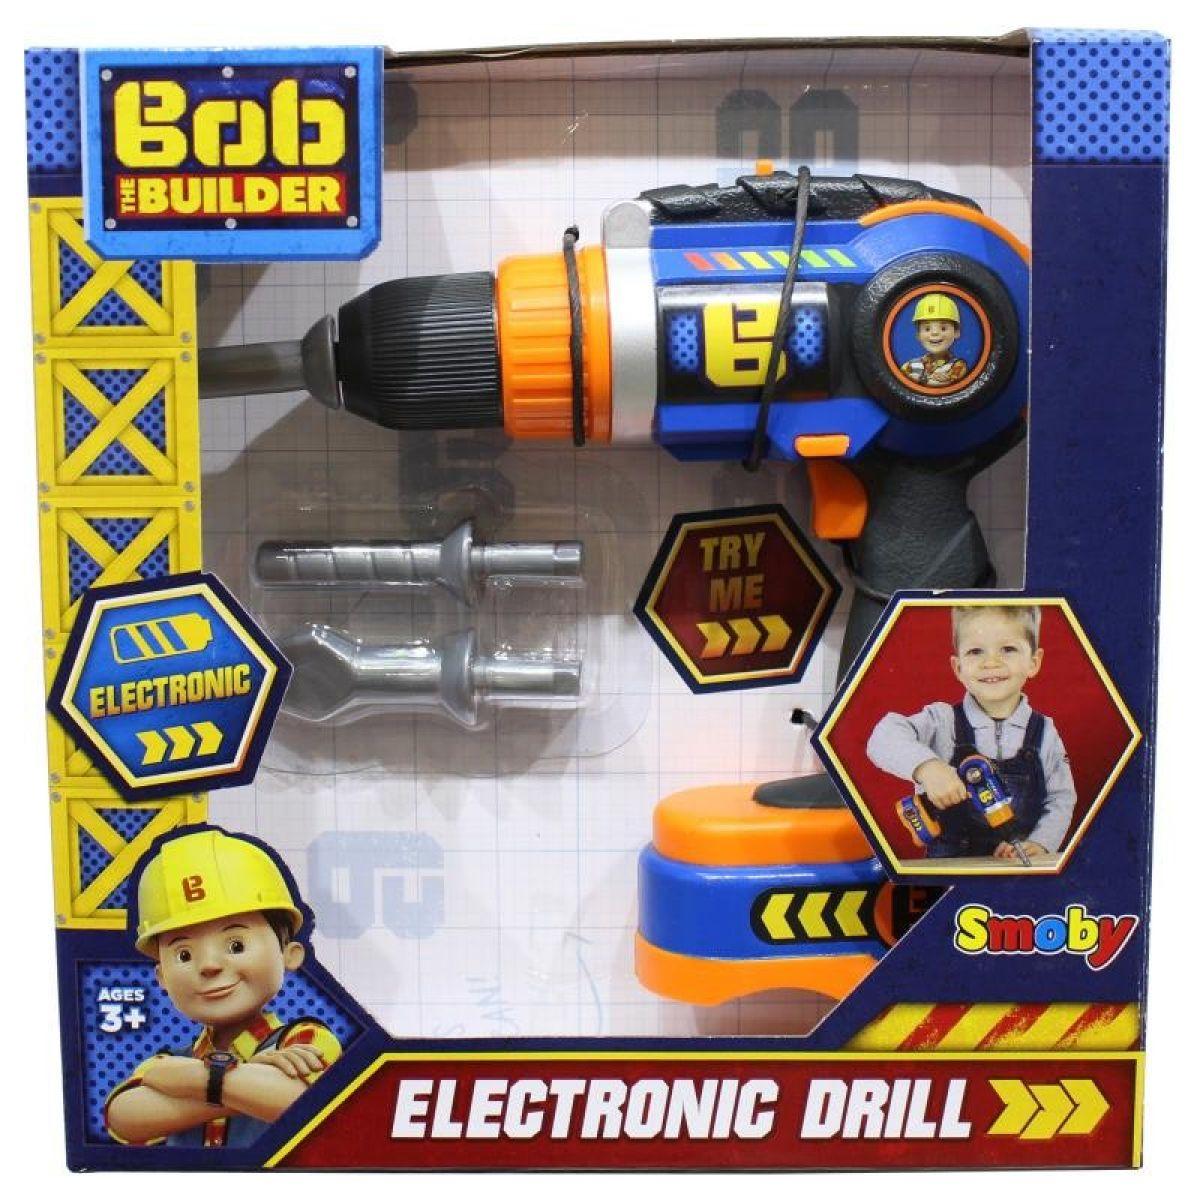 Smoby Detská elektronická vŕtačka Staviteľ Bob s 3 nadstavcami